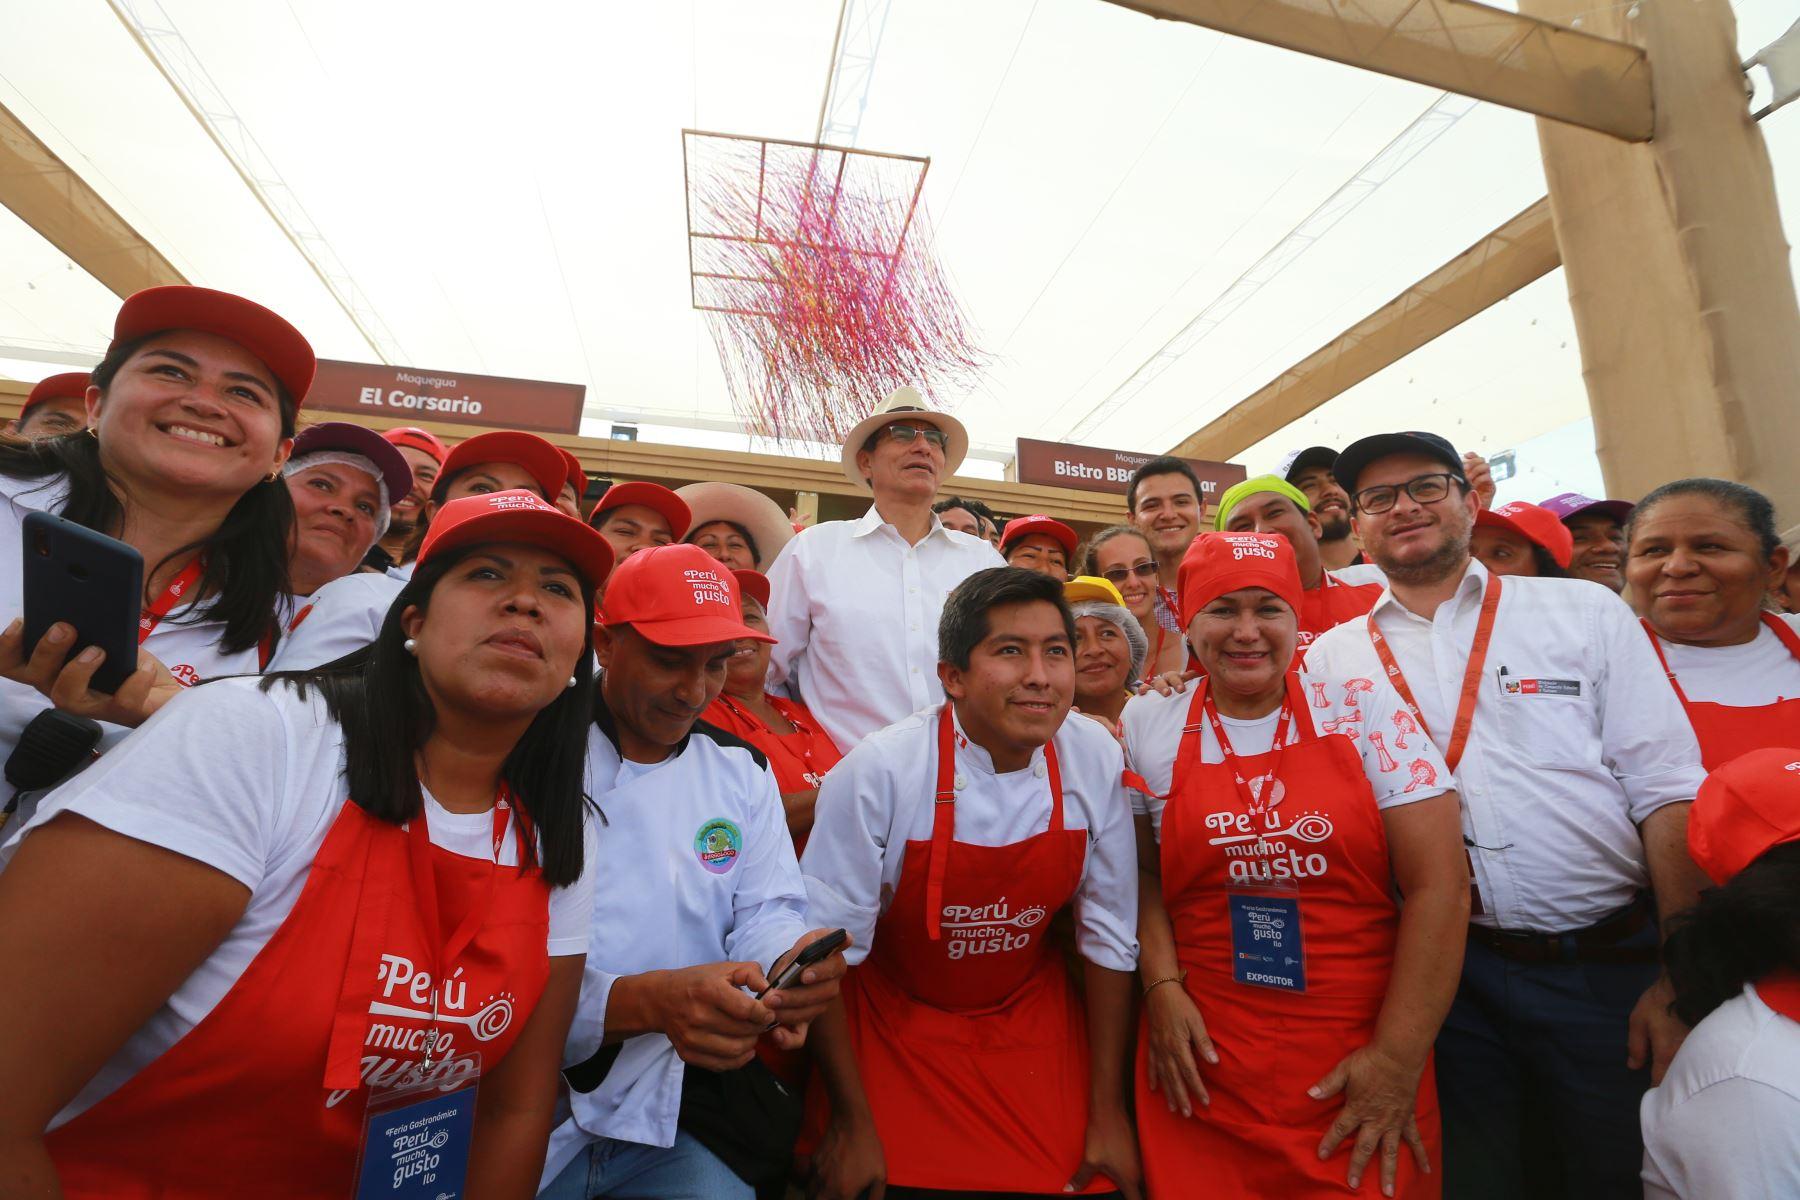 """Jefe de Estado  Martín Vizcarra participò en la Feria """"Perú Mucho Gusto"""" en Ilo. Foto.ANDINA/Prensa Presidencia"""